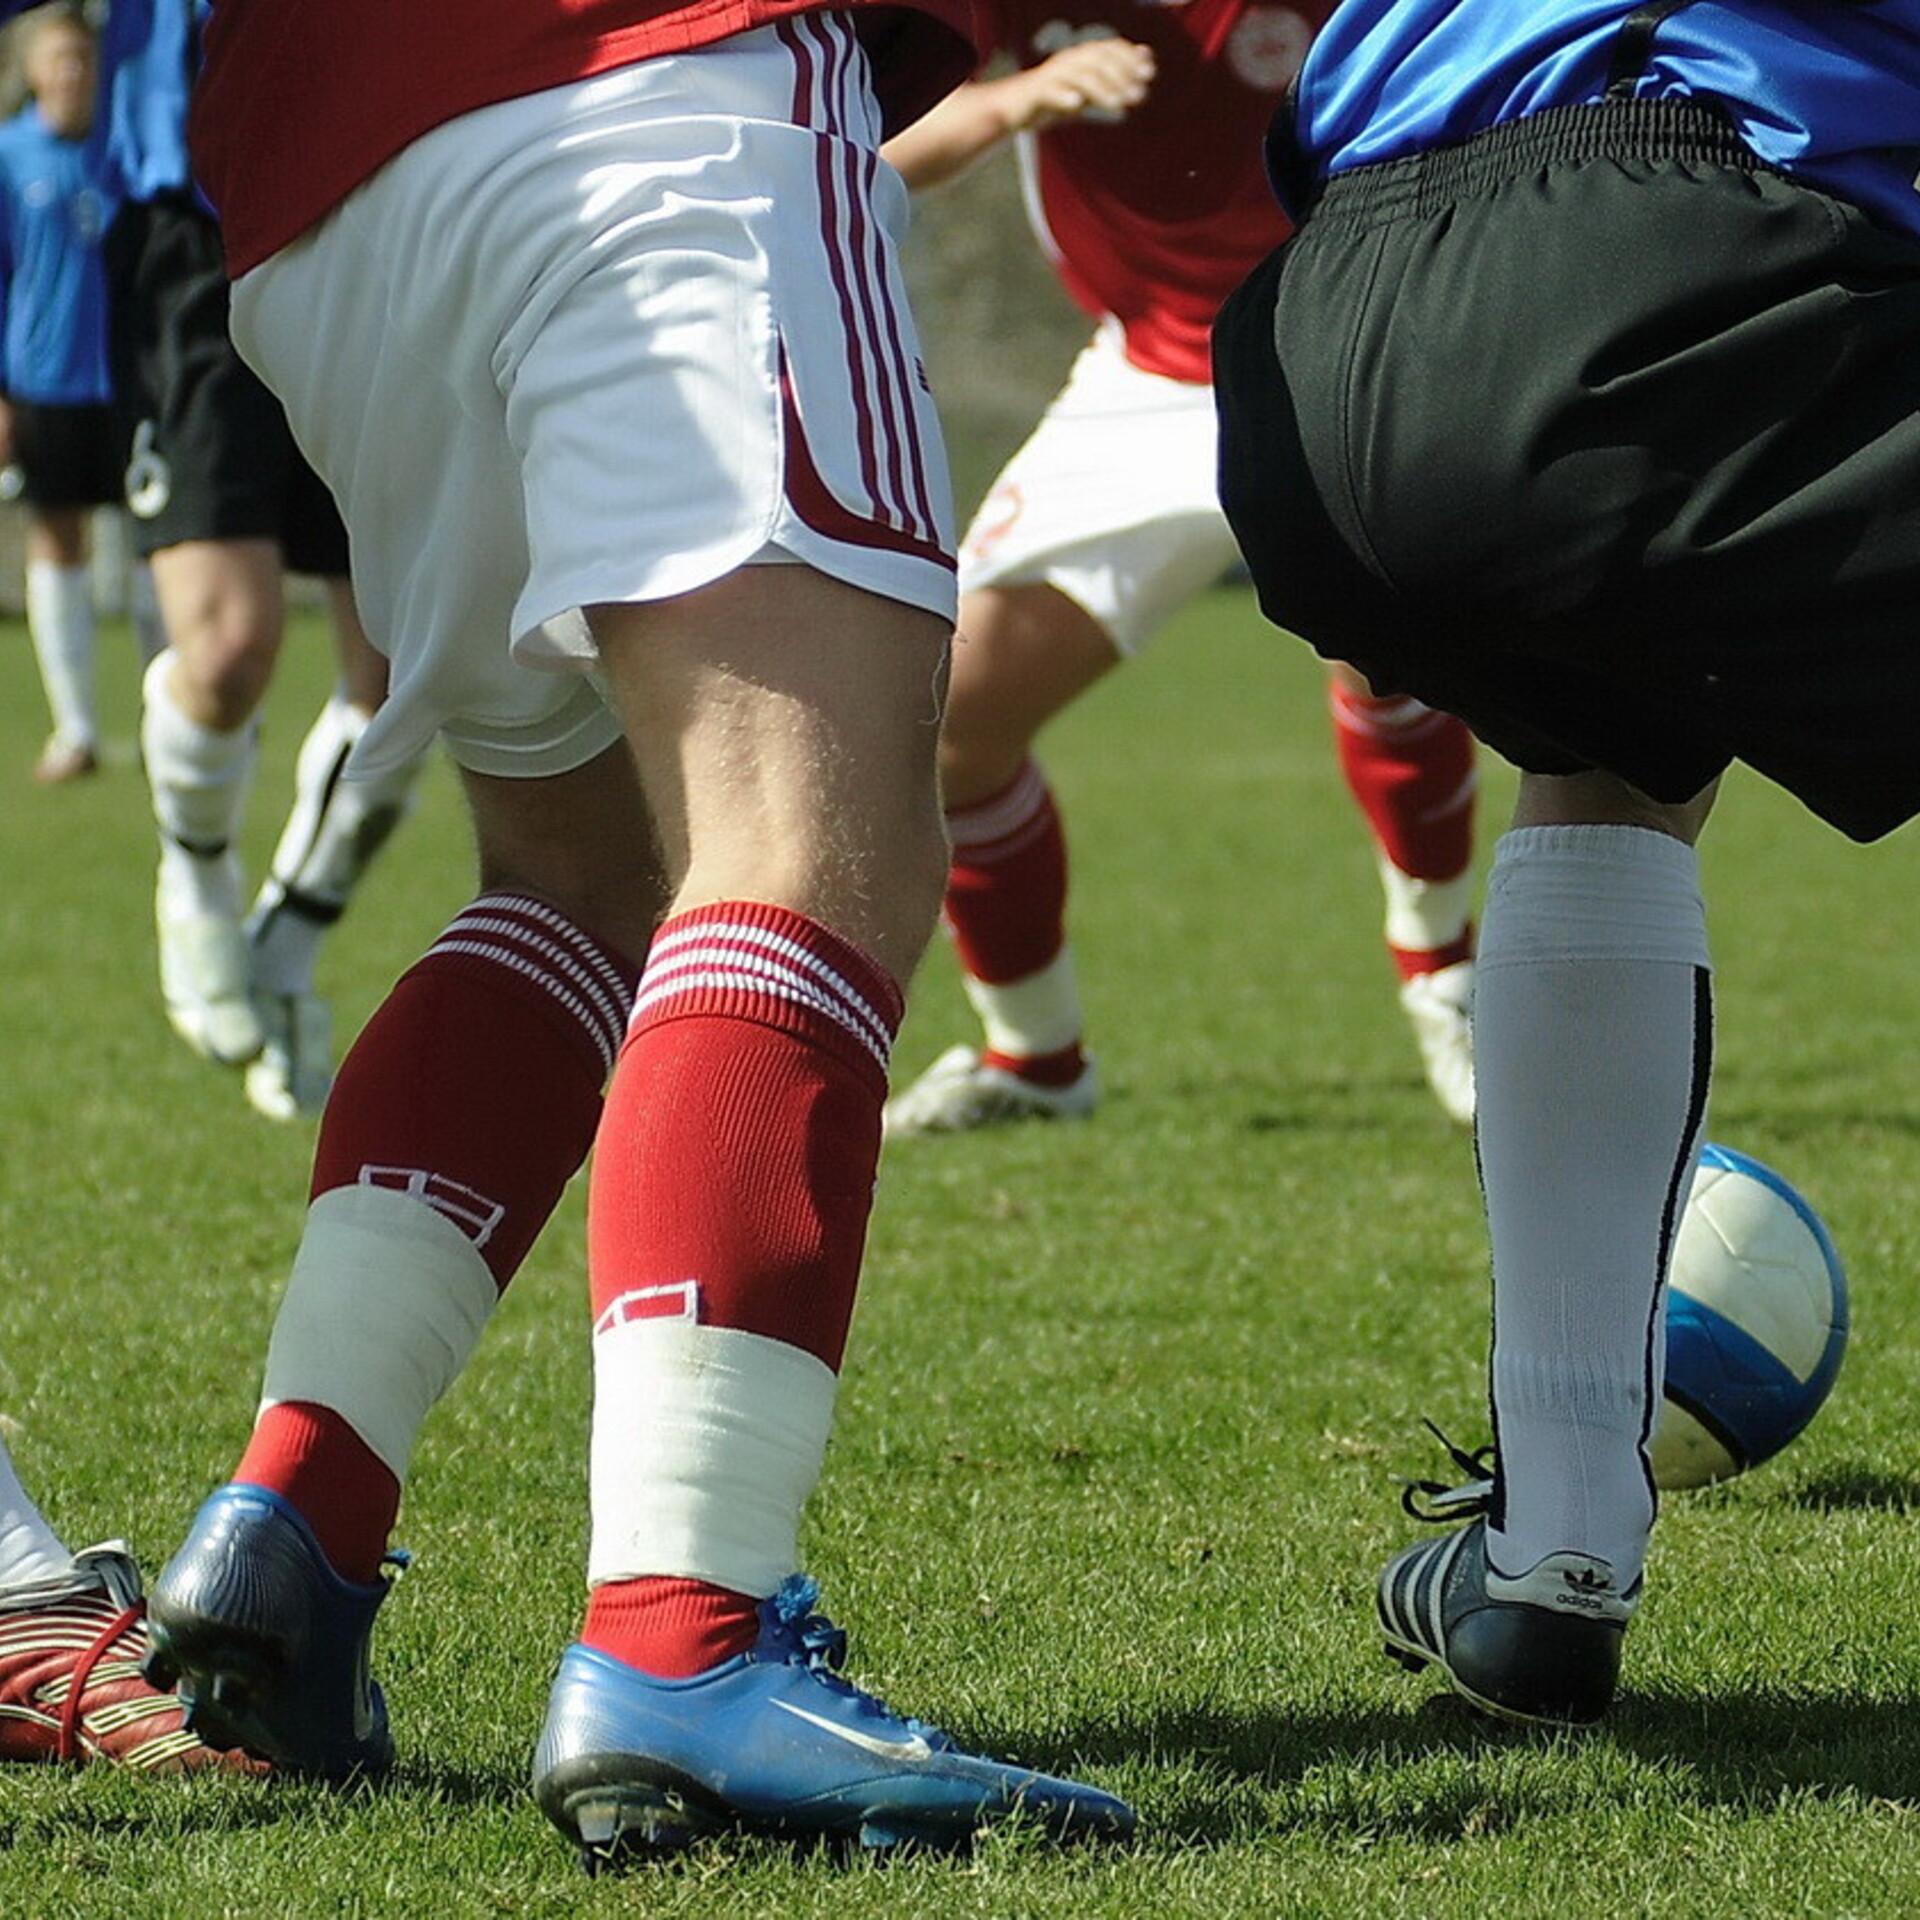 ee52257e74b Nädalavahetusel kohtuvad maakondade jalgpallikoondised | Jalgpall | ERR